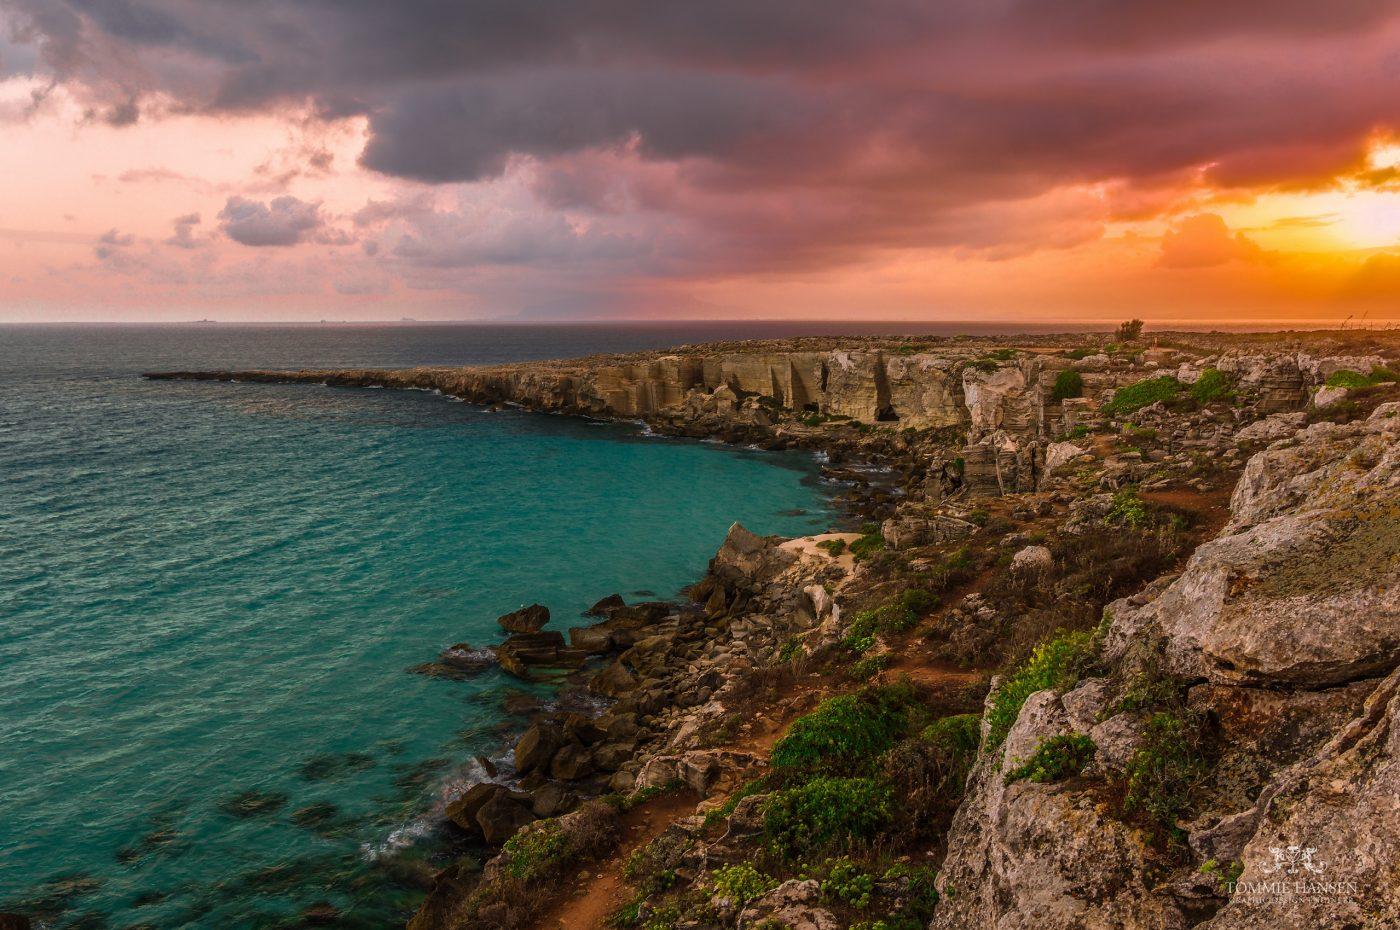 Sizilien ist für Camper der Traum im Mittelmeer